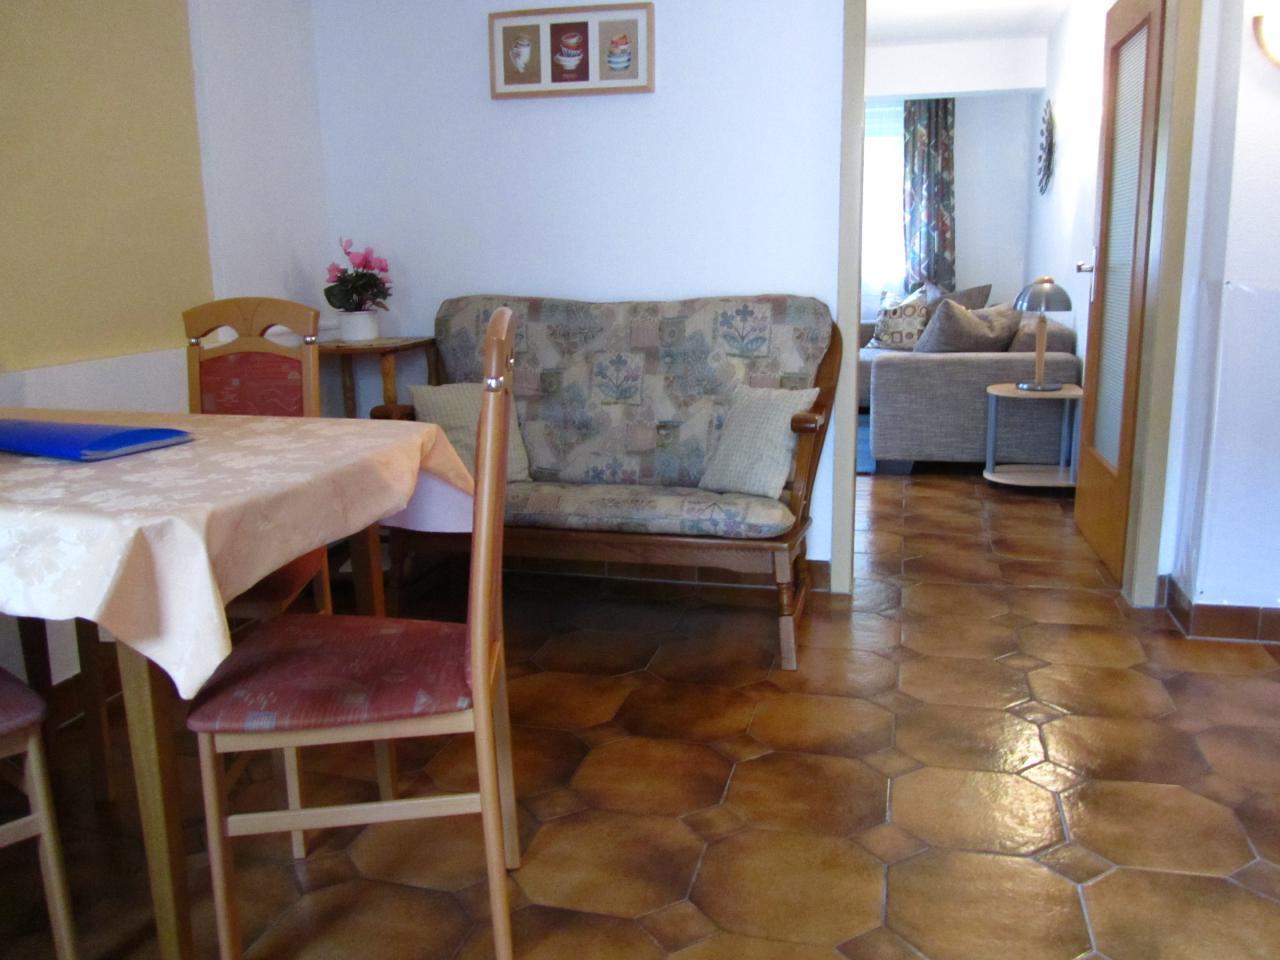 Ferienwohnung Appartementhaus Wiesengrund - Fewo 4 (402831), Baiersbronn, Schwarzwald, Baden-Württemberg, Deutschland, Bild 4